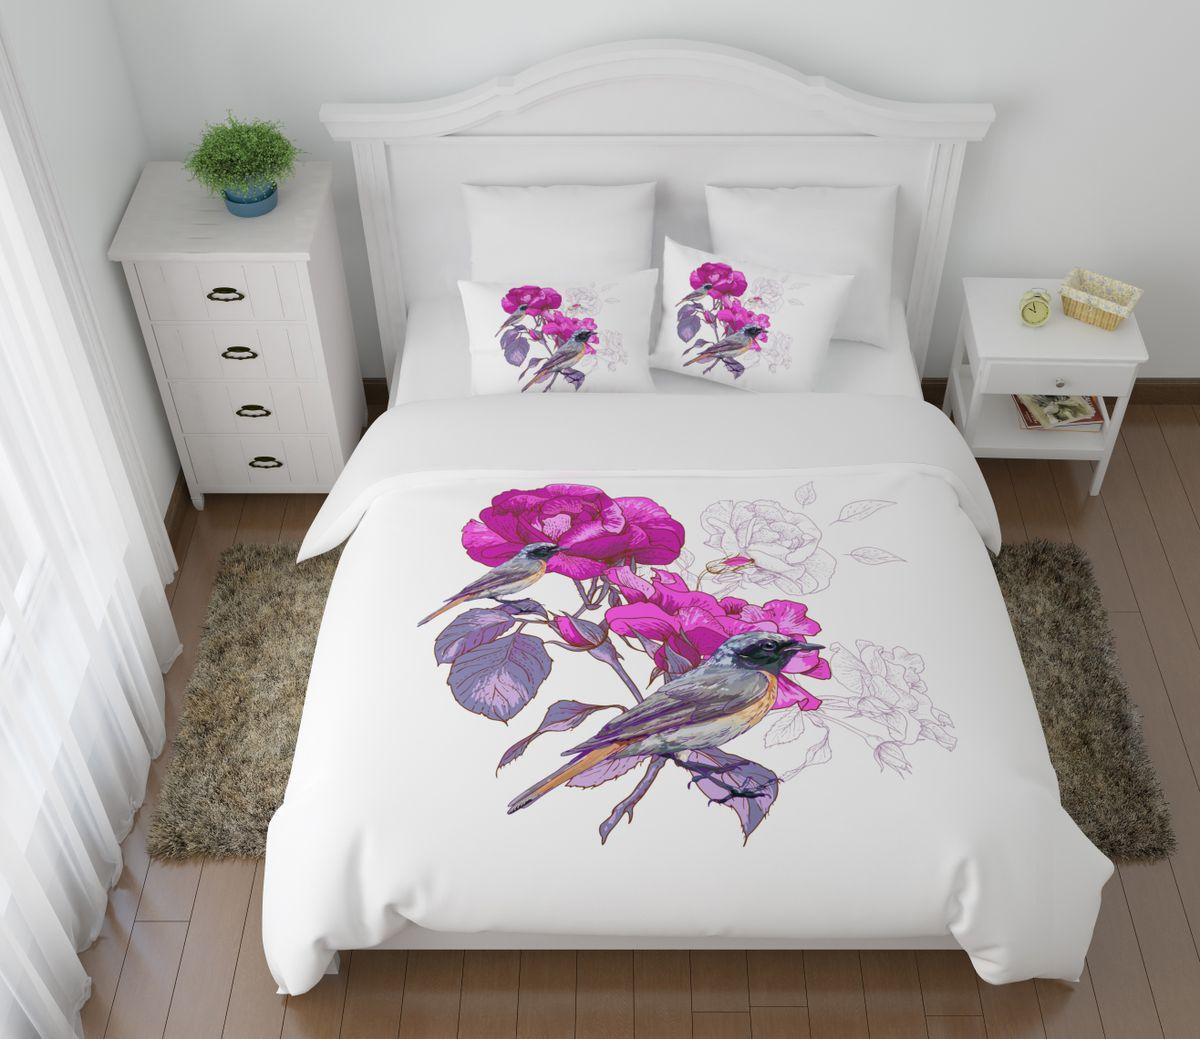 Комплект белья Сирень Вилюта, 2-спальный, наволочки 50х7008034-КПБ2-МКомплект постельного белья Сирень выполнен из прочной и мягкой ткани. Четкий и стильный рисунок в сочетании с насыщенными красками делают комплект постельного белья неповторимой изюминкой любого интерьера.Постельное белье идеально подойдет для подарка. Идеальное соотношение смешенной ткани и гипоаллергенных красок - это гарантия здорового, спокойного сна. Ткань хорошо впитывает влагу, надолго сохраняет яркость красок.В комплект входят: простыня, пододеяльник, две наволочки. Постельное белье легко стирать при 30-40°С, гладить при 150°С, не отбеливать. Рекомендуется перед первым использованием постирать.УВАЖАЕМЫЕ КЛИЕНТЫ! Обращаем ваше внимание, что цвет простыни, пододеяльника, наволочки в комплектации может немного отличаться от представленного на фото.